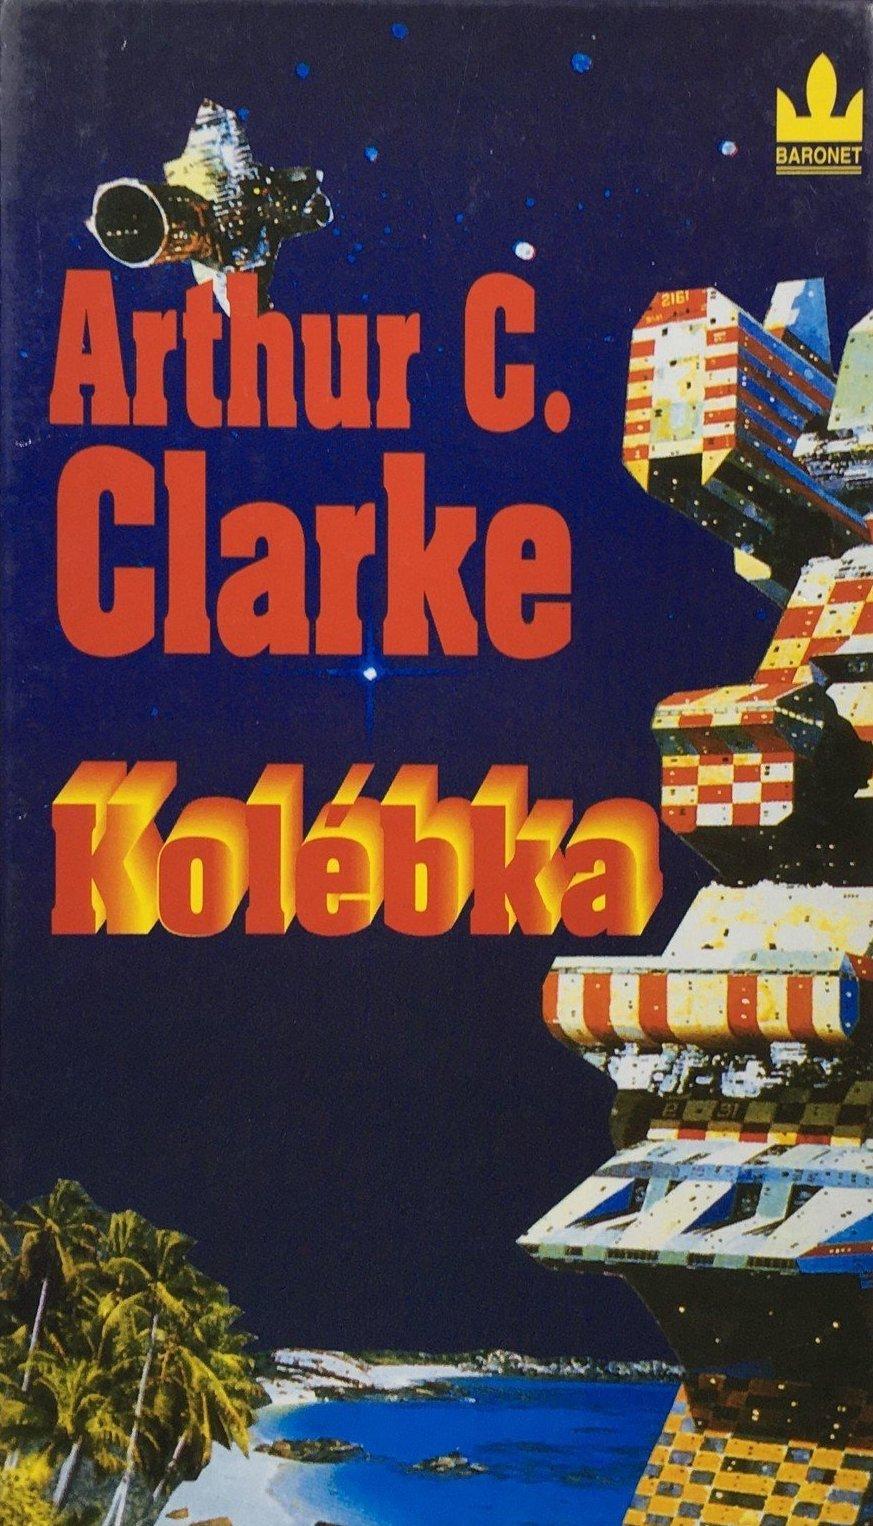 Kolébka - Arthur C. Clarke /bazarové zboží/